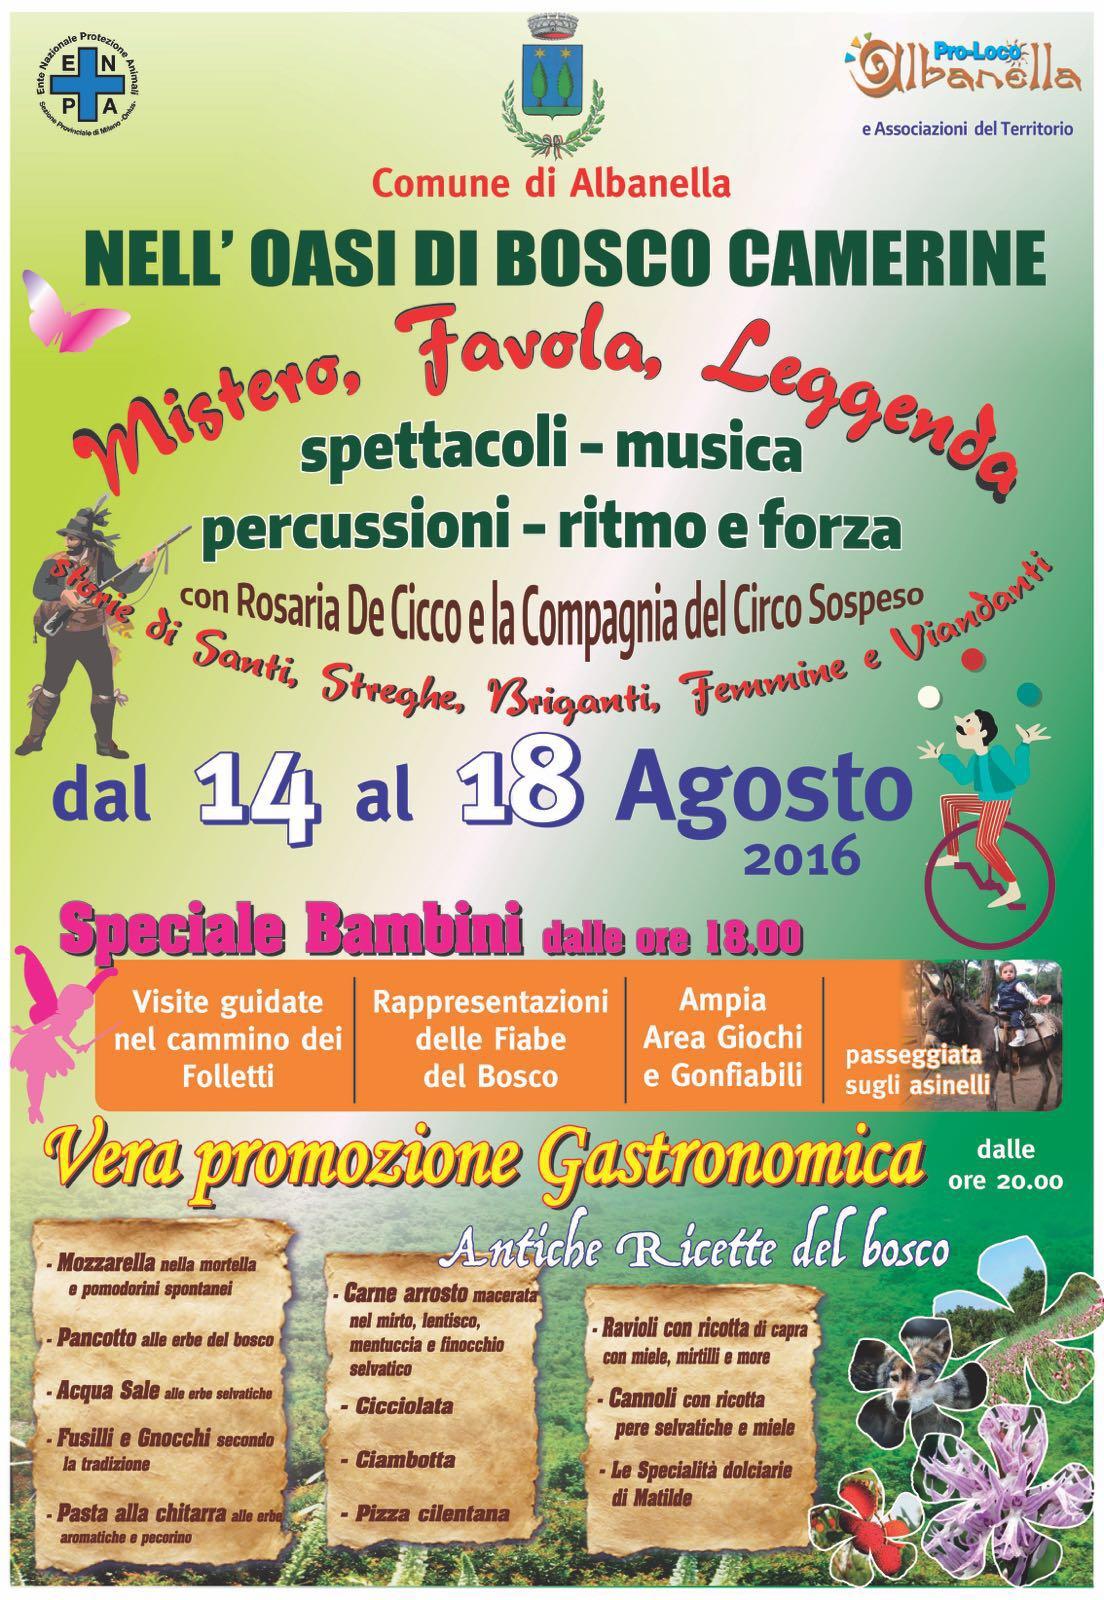 Albanella-Bosco di Camerino-Evento-02